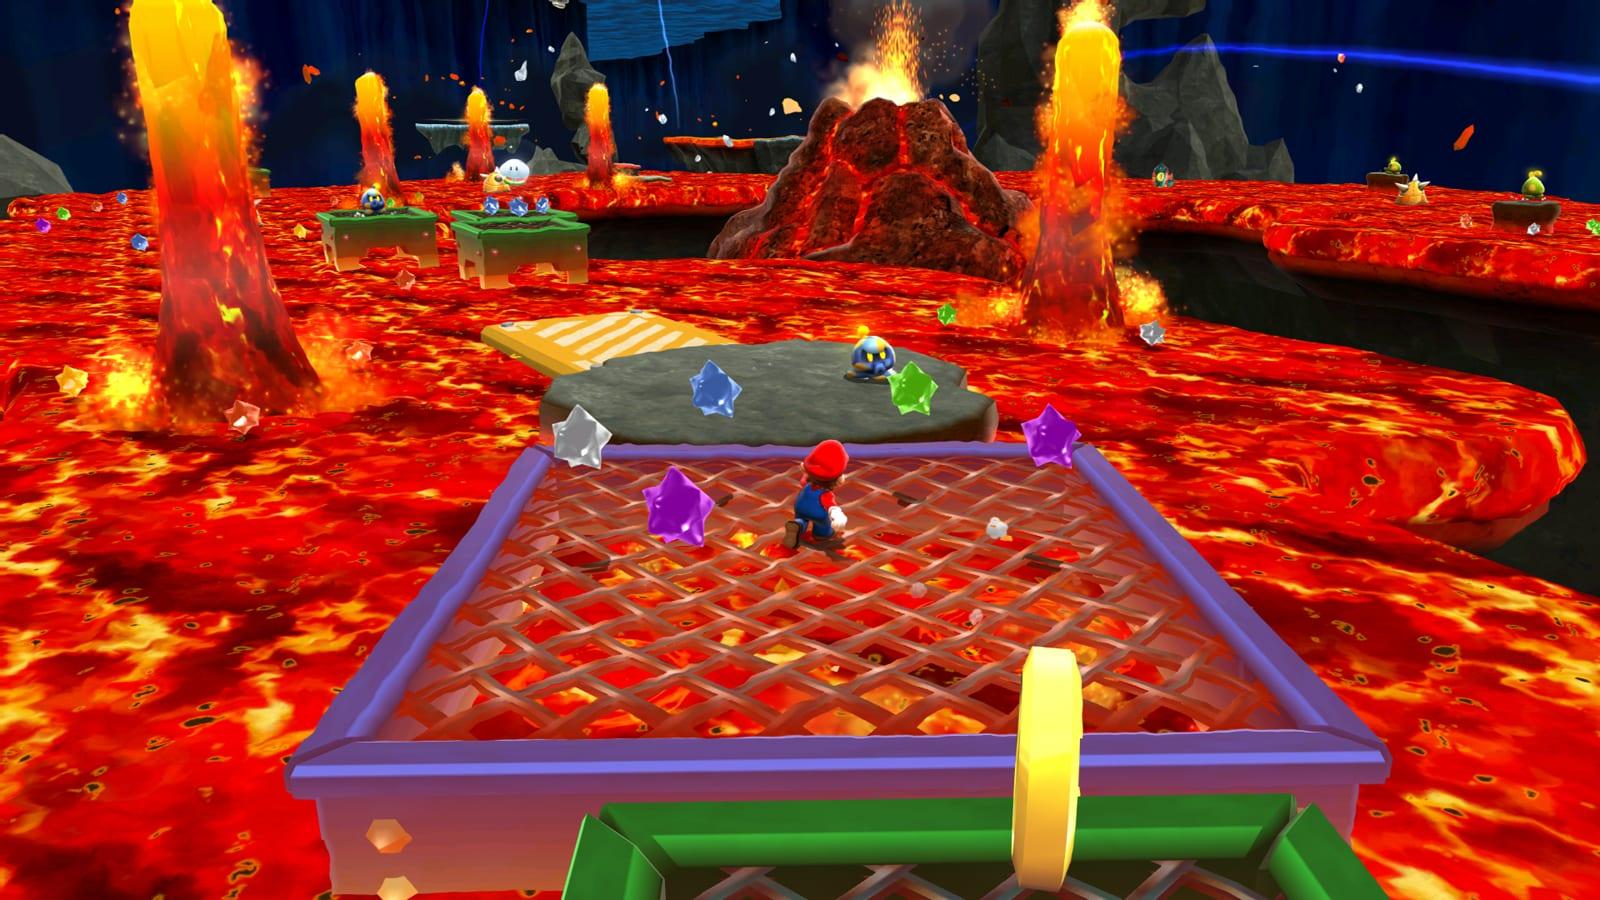 Super Mario Galaxy Super Mario Bros. 35th anniversary Nintendo remasters